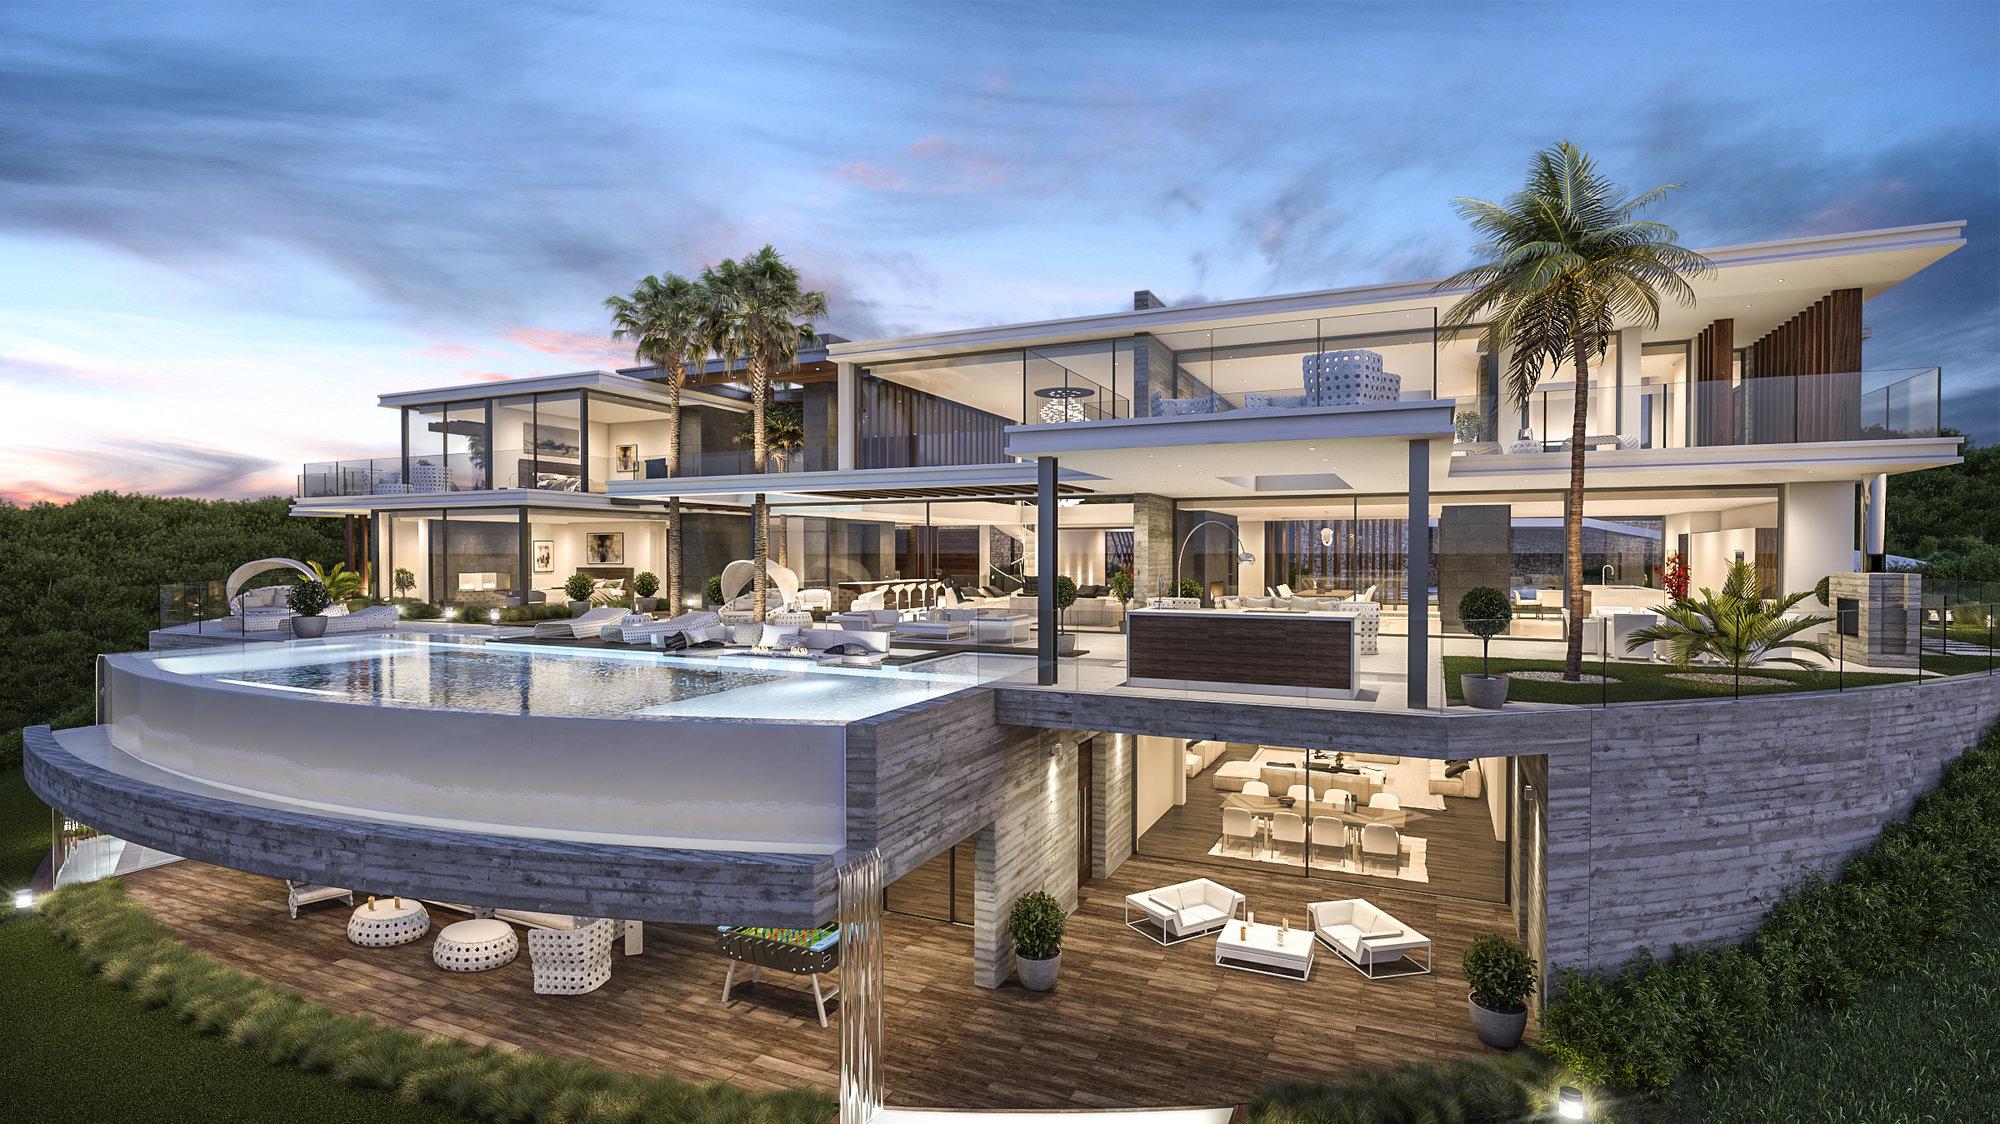 7 bedroom 9 bathroom villa for sale in la zagaleta for Villa de luxe moderne